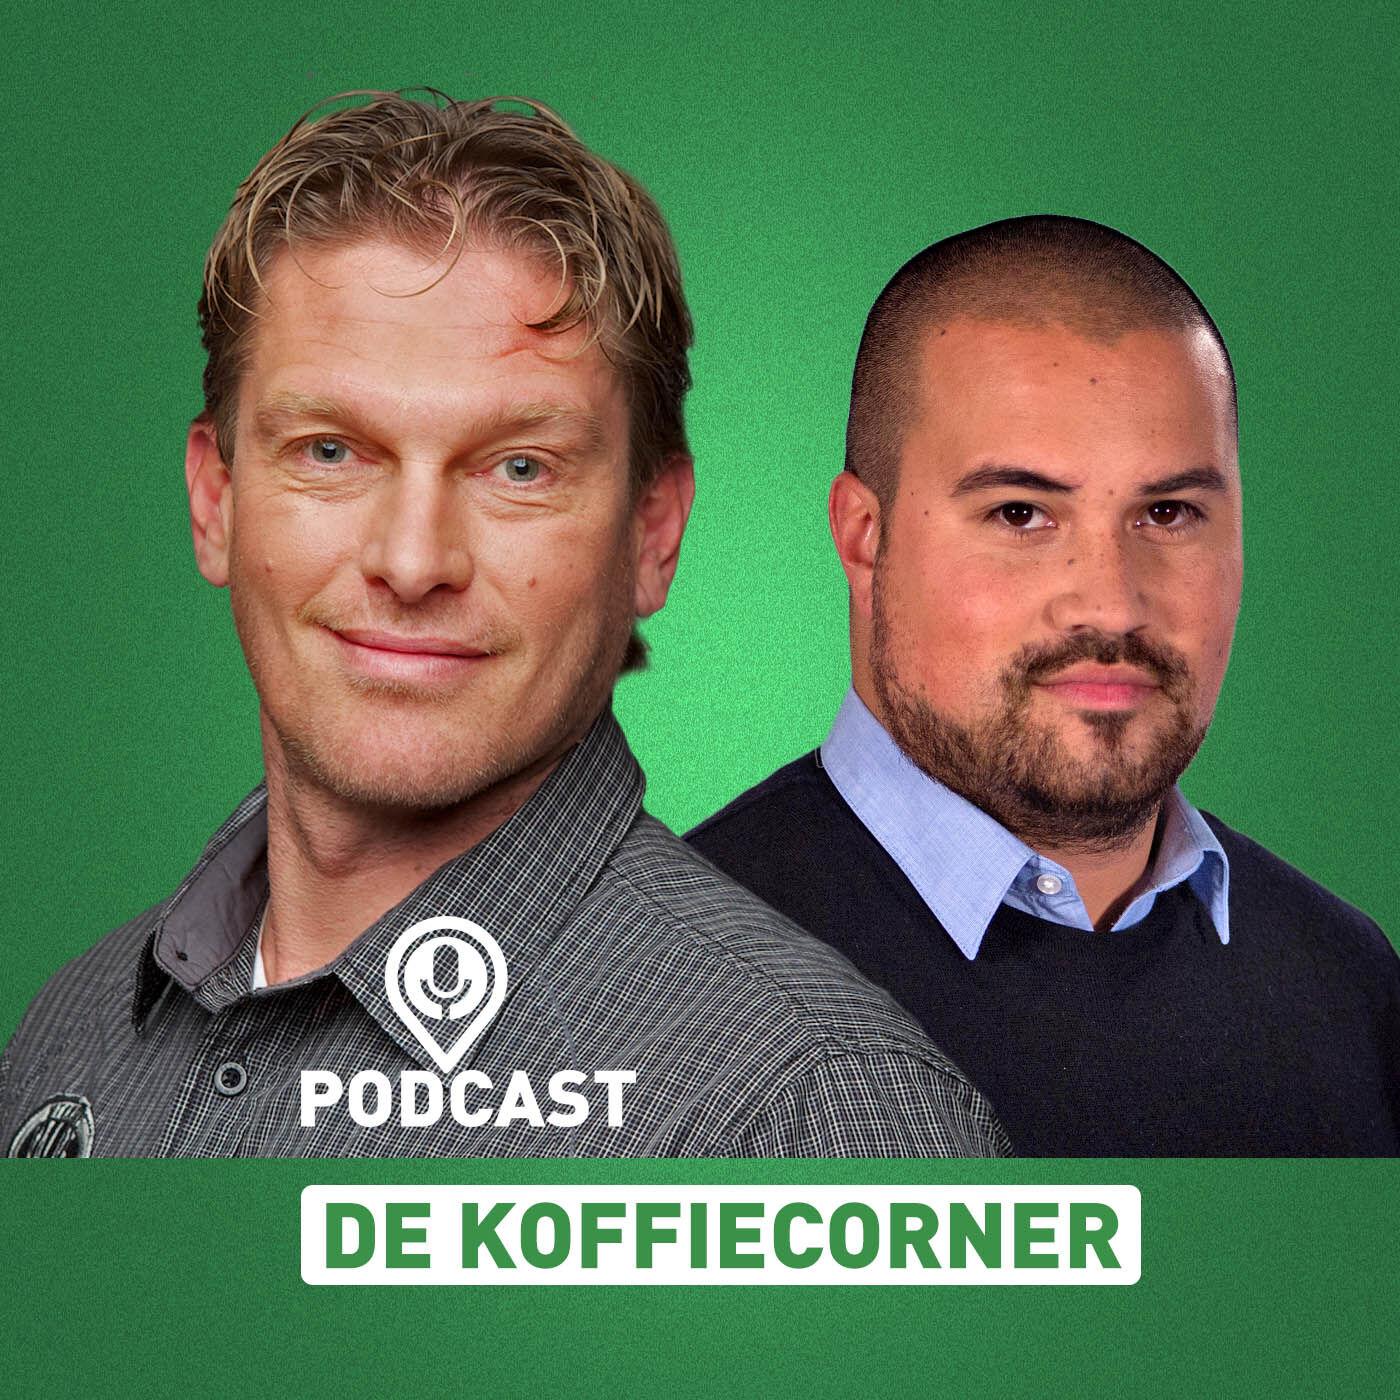 """De Koffiecorner #26: Ode aan Jan Uitham en """"Pelé kon totaal niet voetballen"""""""